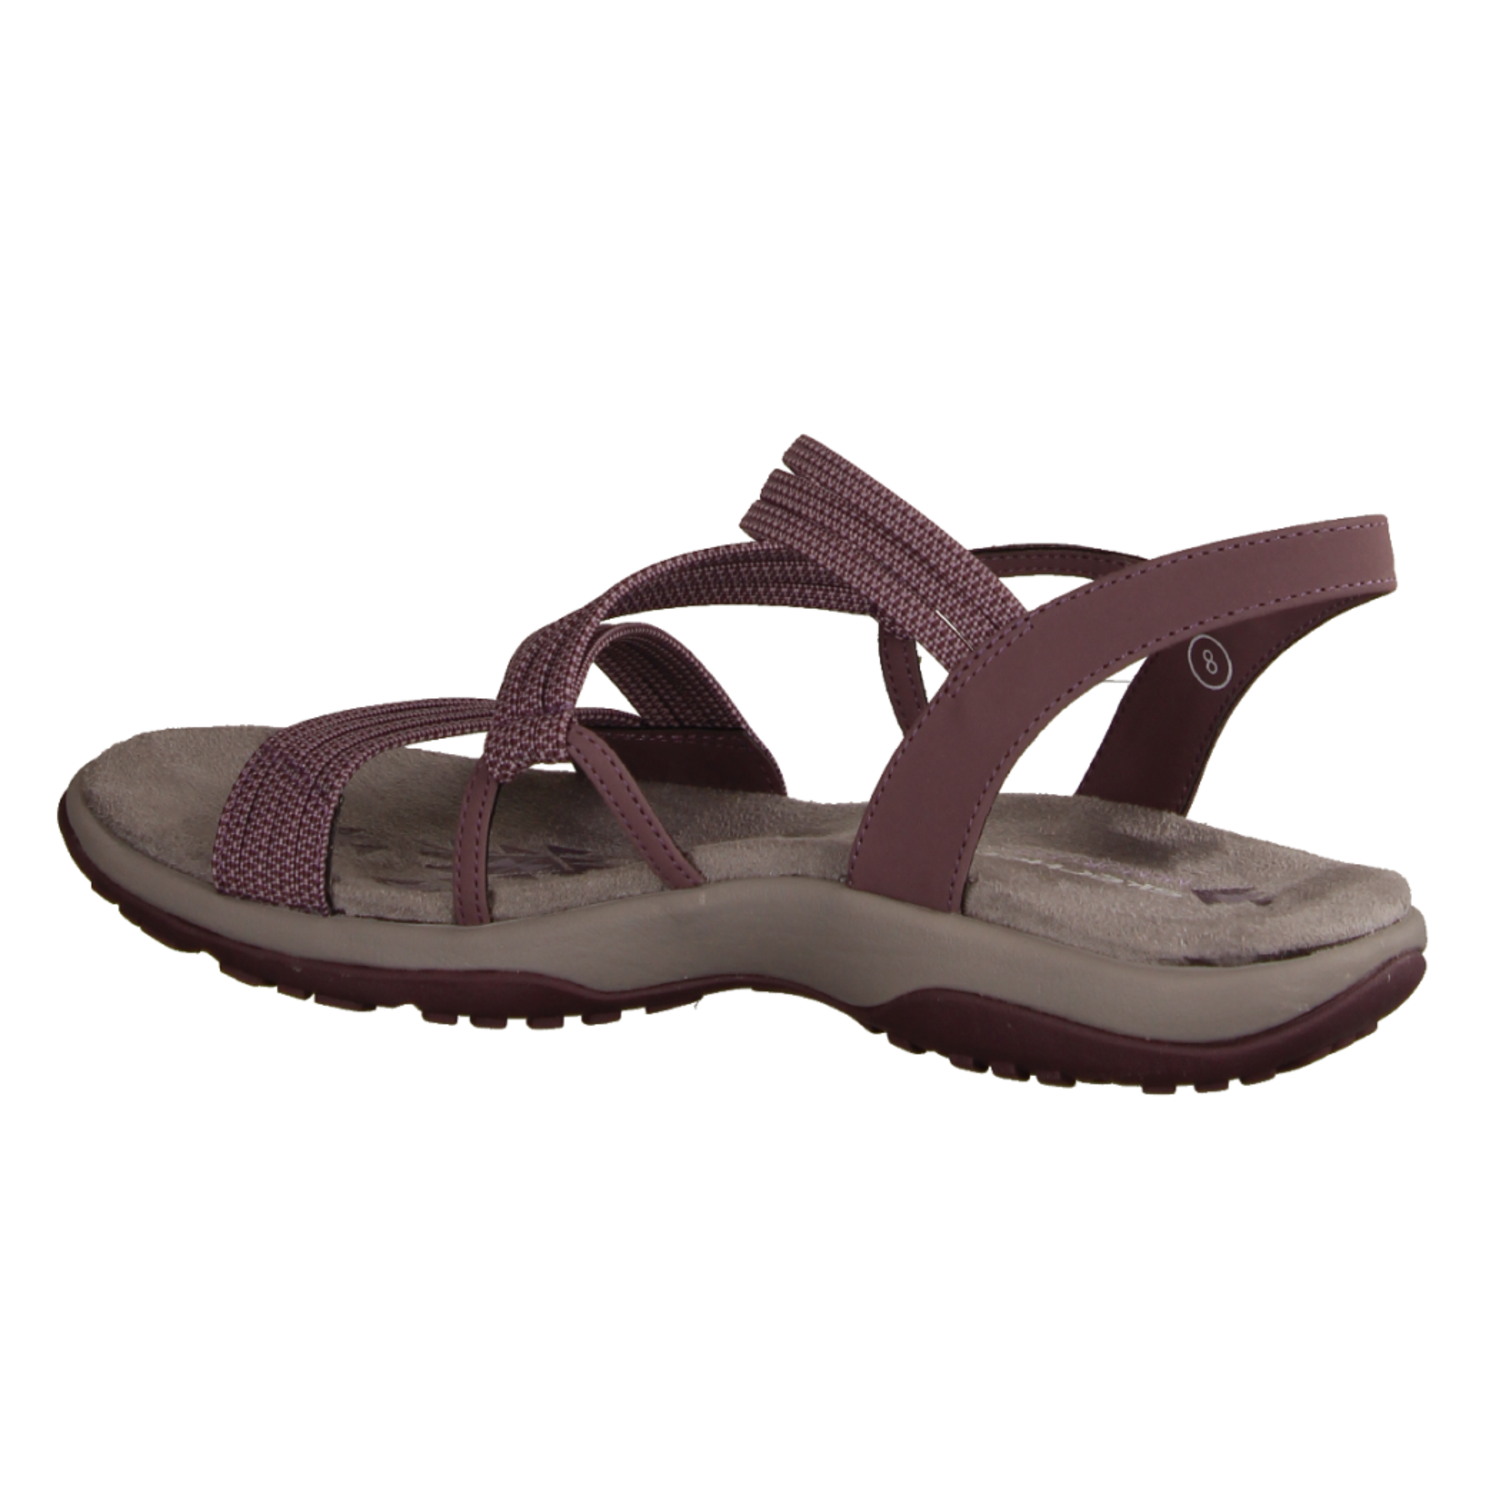 85503-14 Antikrosa - sportliche Sandale